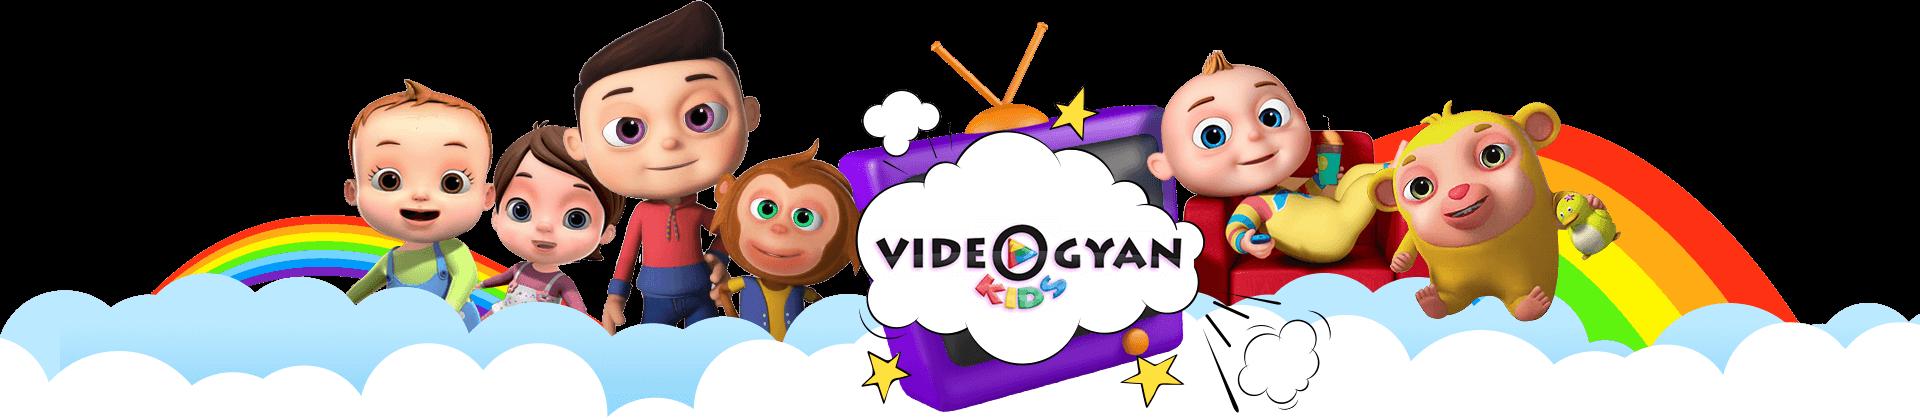 Videogyan Kid's channel